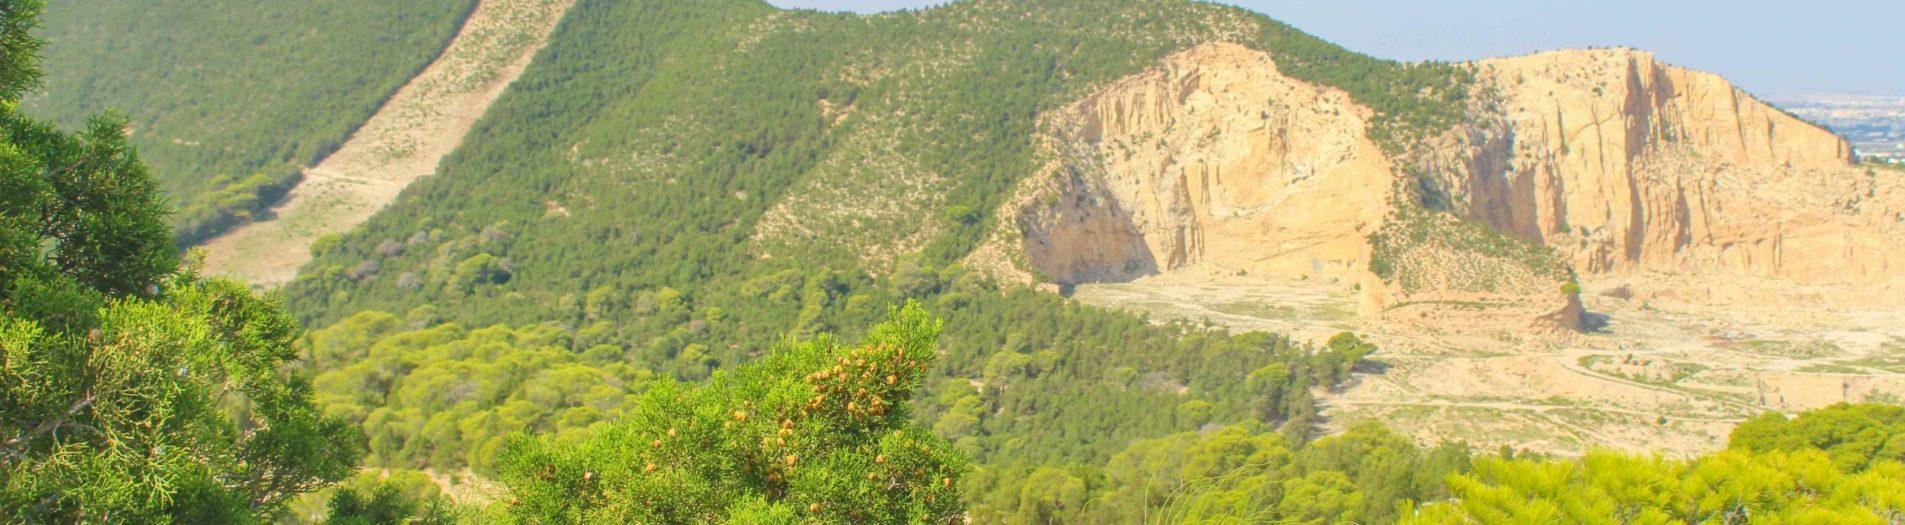 Le parc national de Boukornine